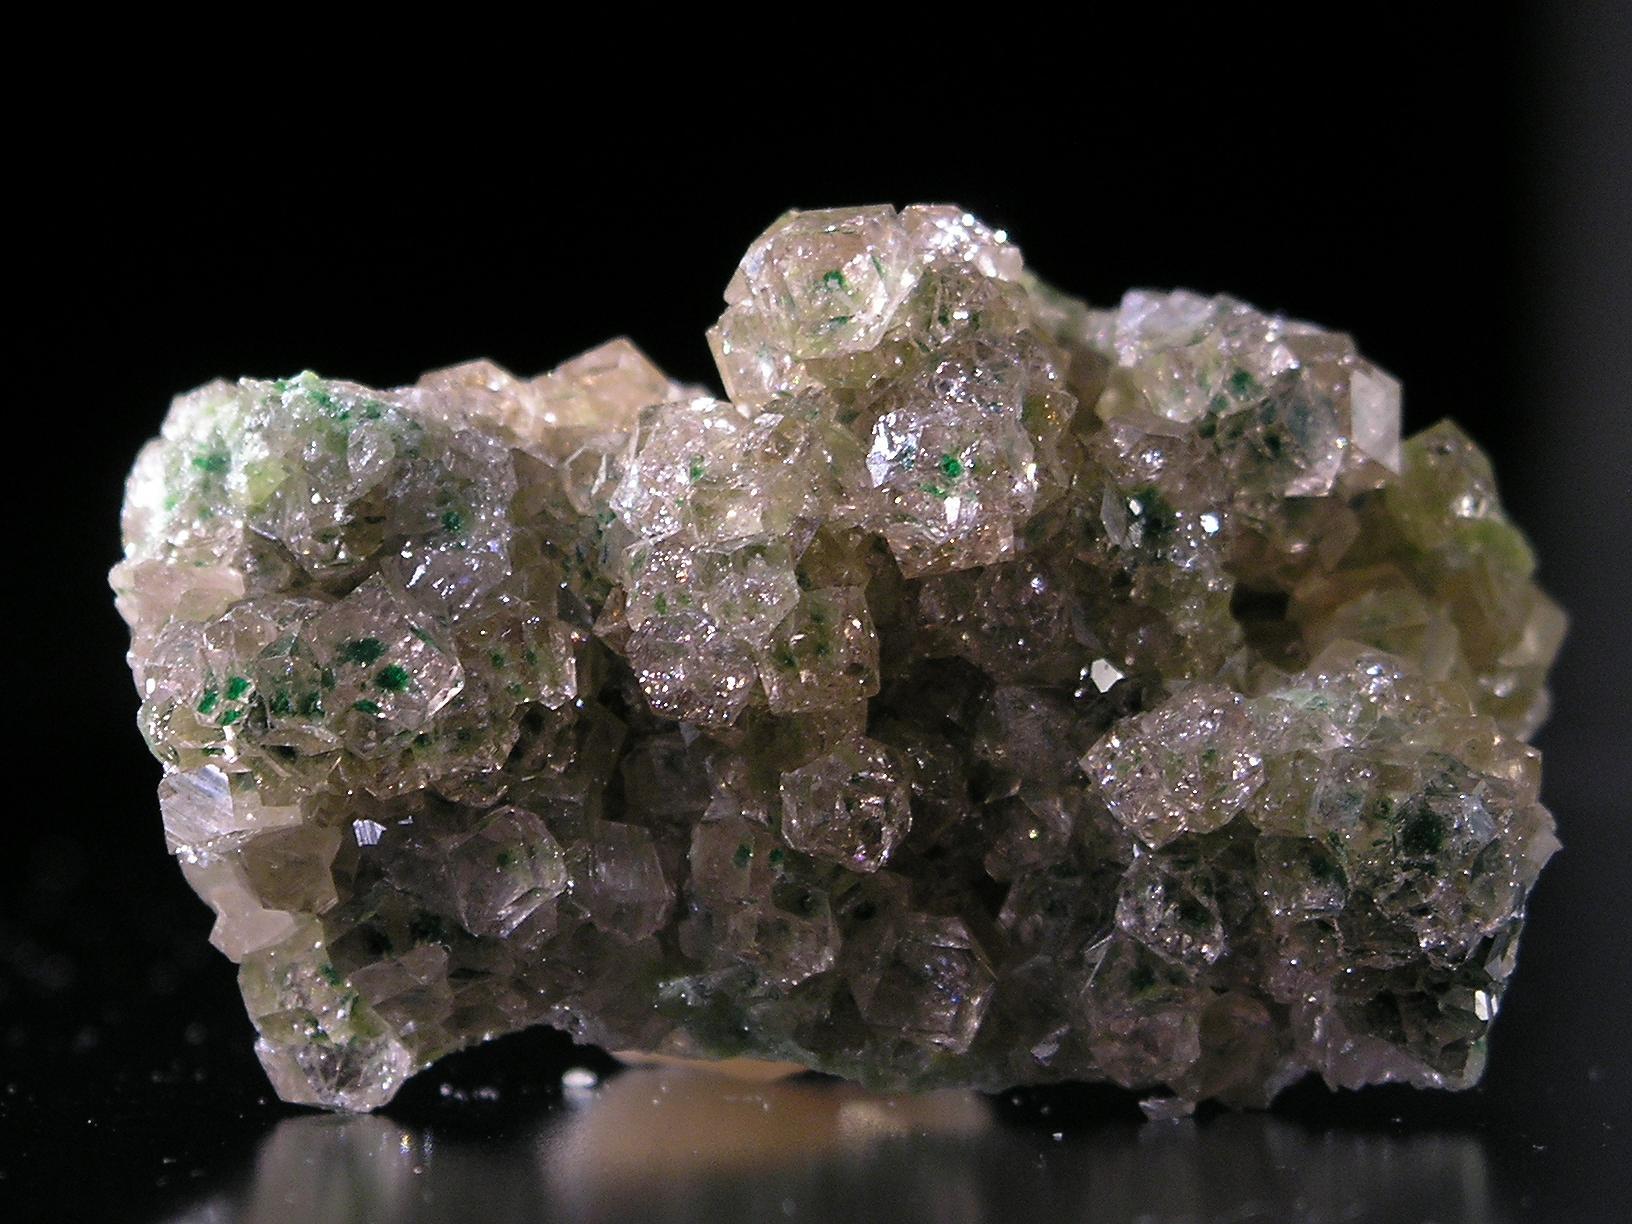 Grossular Garnet, Jeffrey Mine, Asbestos, Quebec - 007